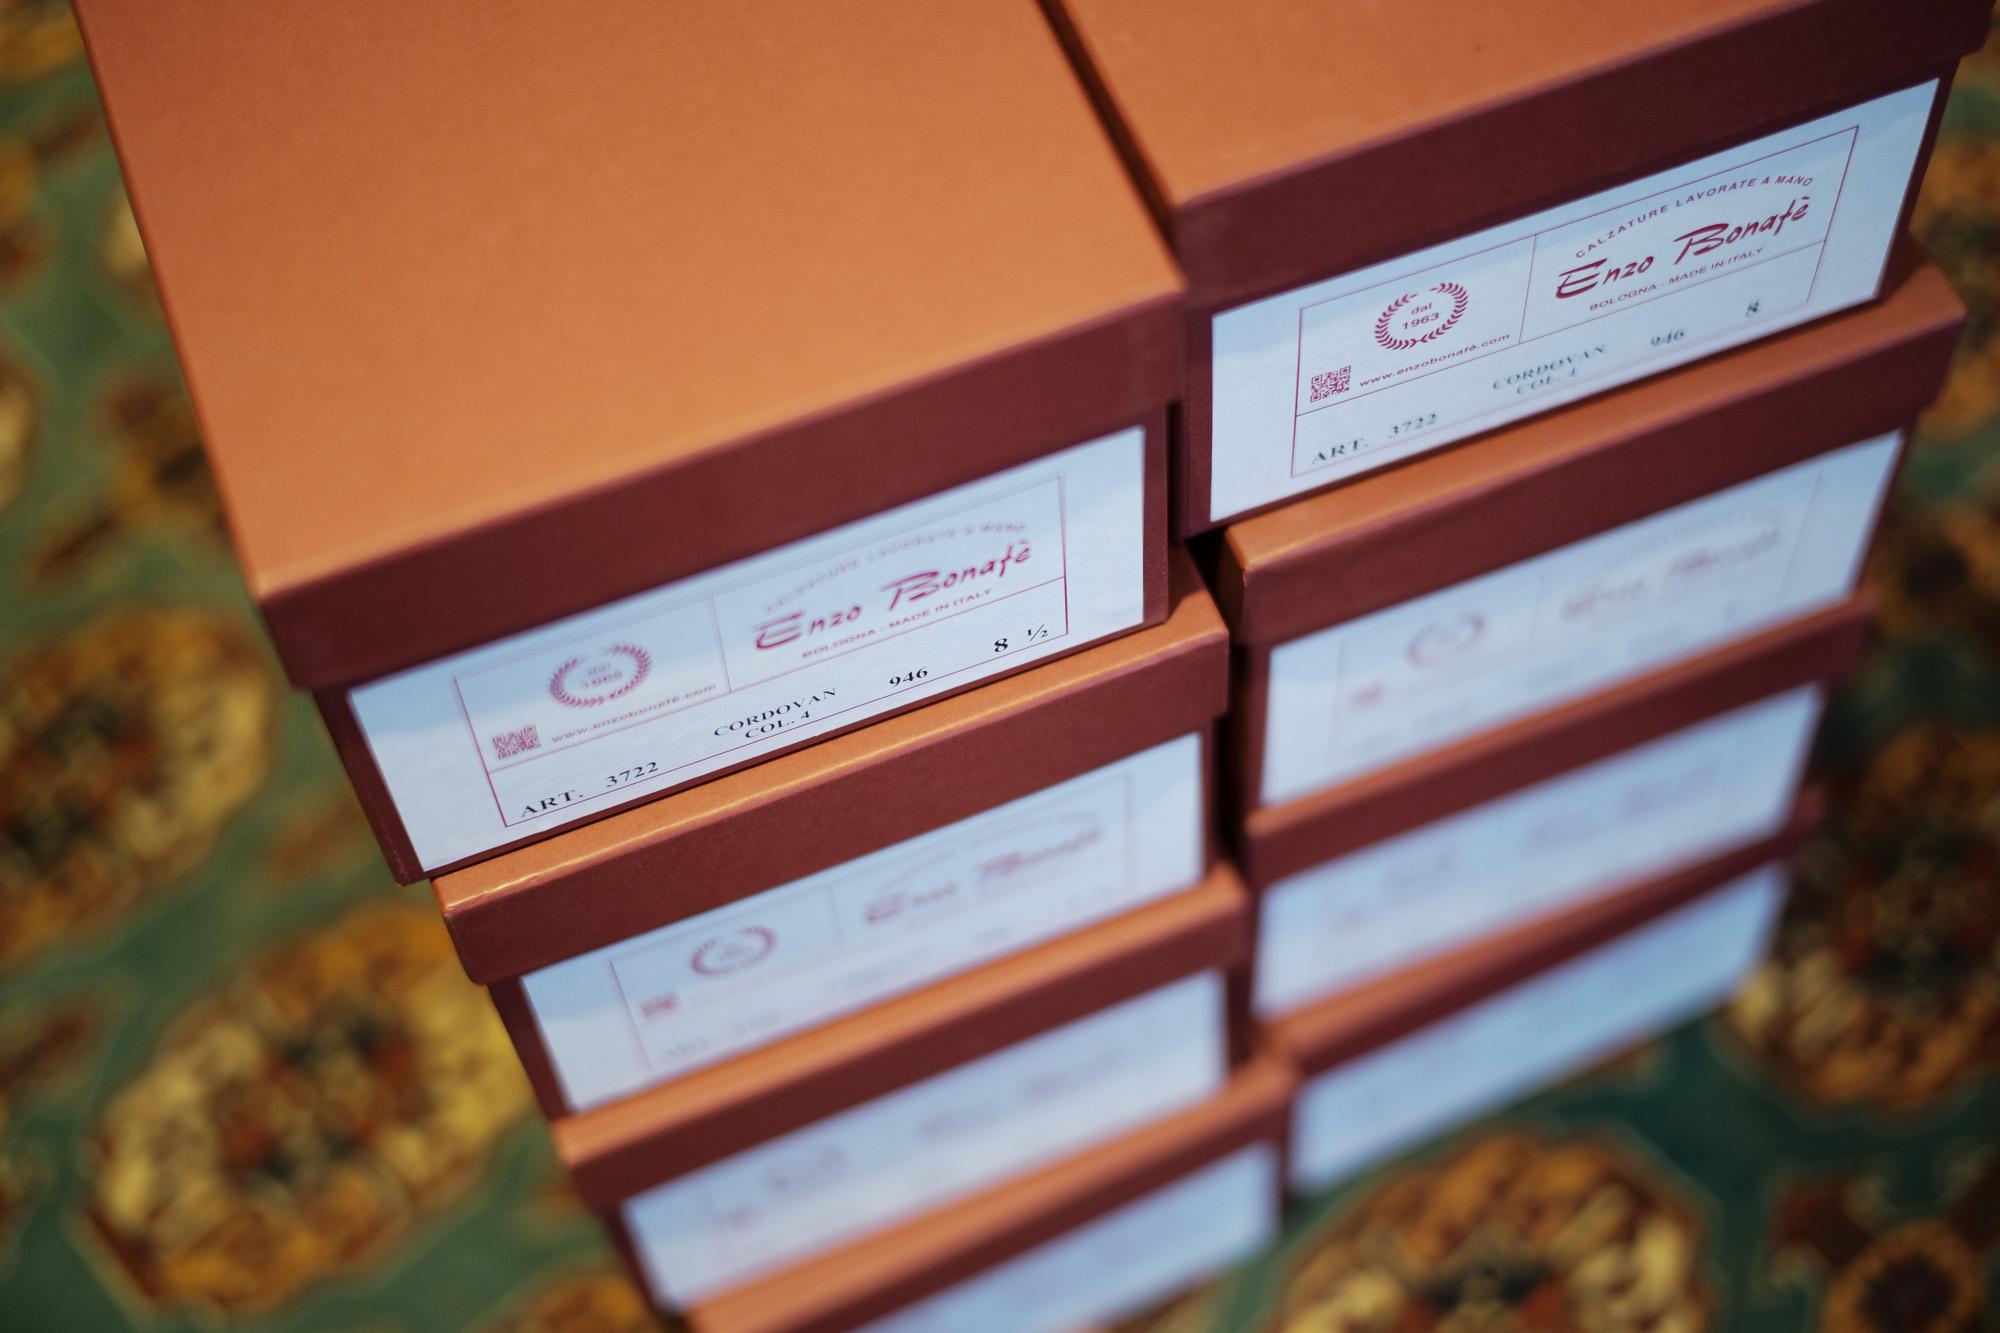 ENZO BONAFE (エンツォボナフェ) 【ART.3722】 Chukka boots チャッカブーツ Horween Shell Cordovan Leather ホーウィン社 シェルコードバンレザー ノルベジェーゼ製法 チャッカブーツ コードバンブーツ No.4  made in italy (イタリア製) 2017 秋冬新作 愛知 名古屋 Alto e Diritto アルト エ デリット エンツォボナフェ コードバン チャッカ